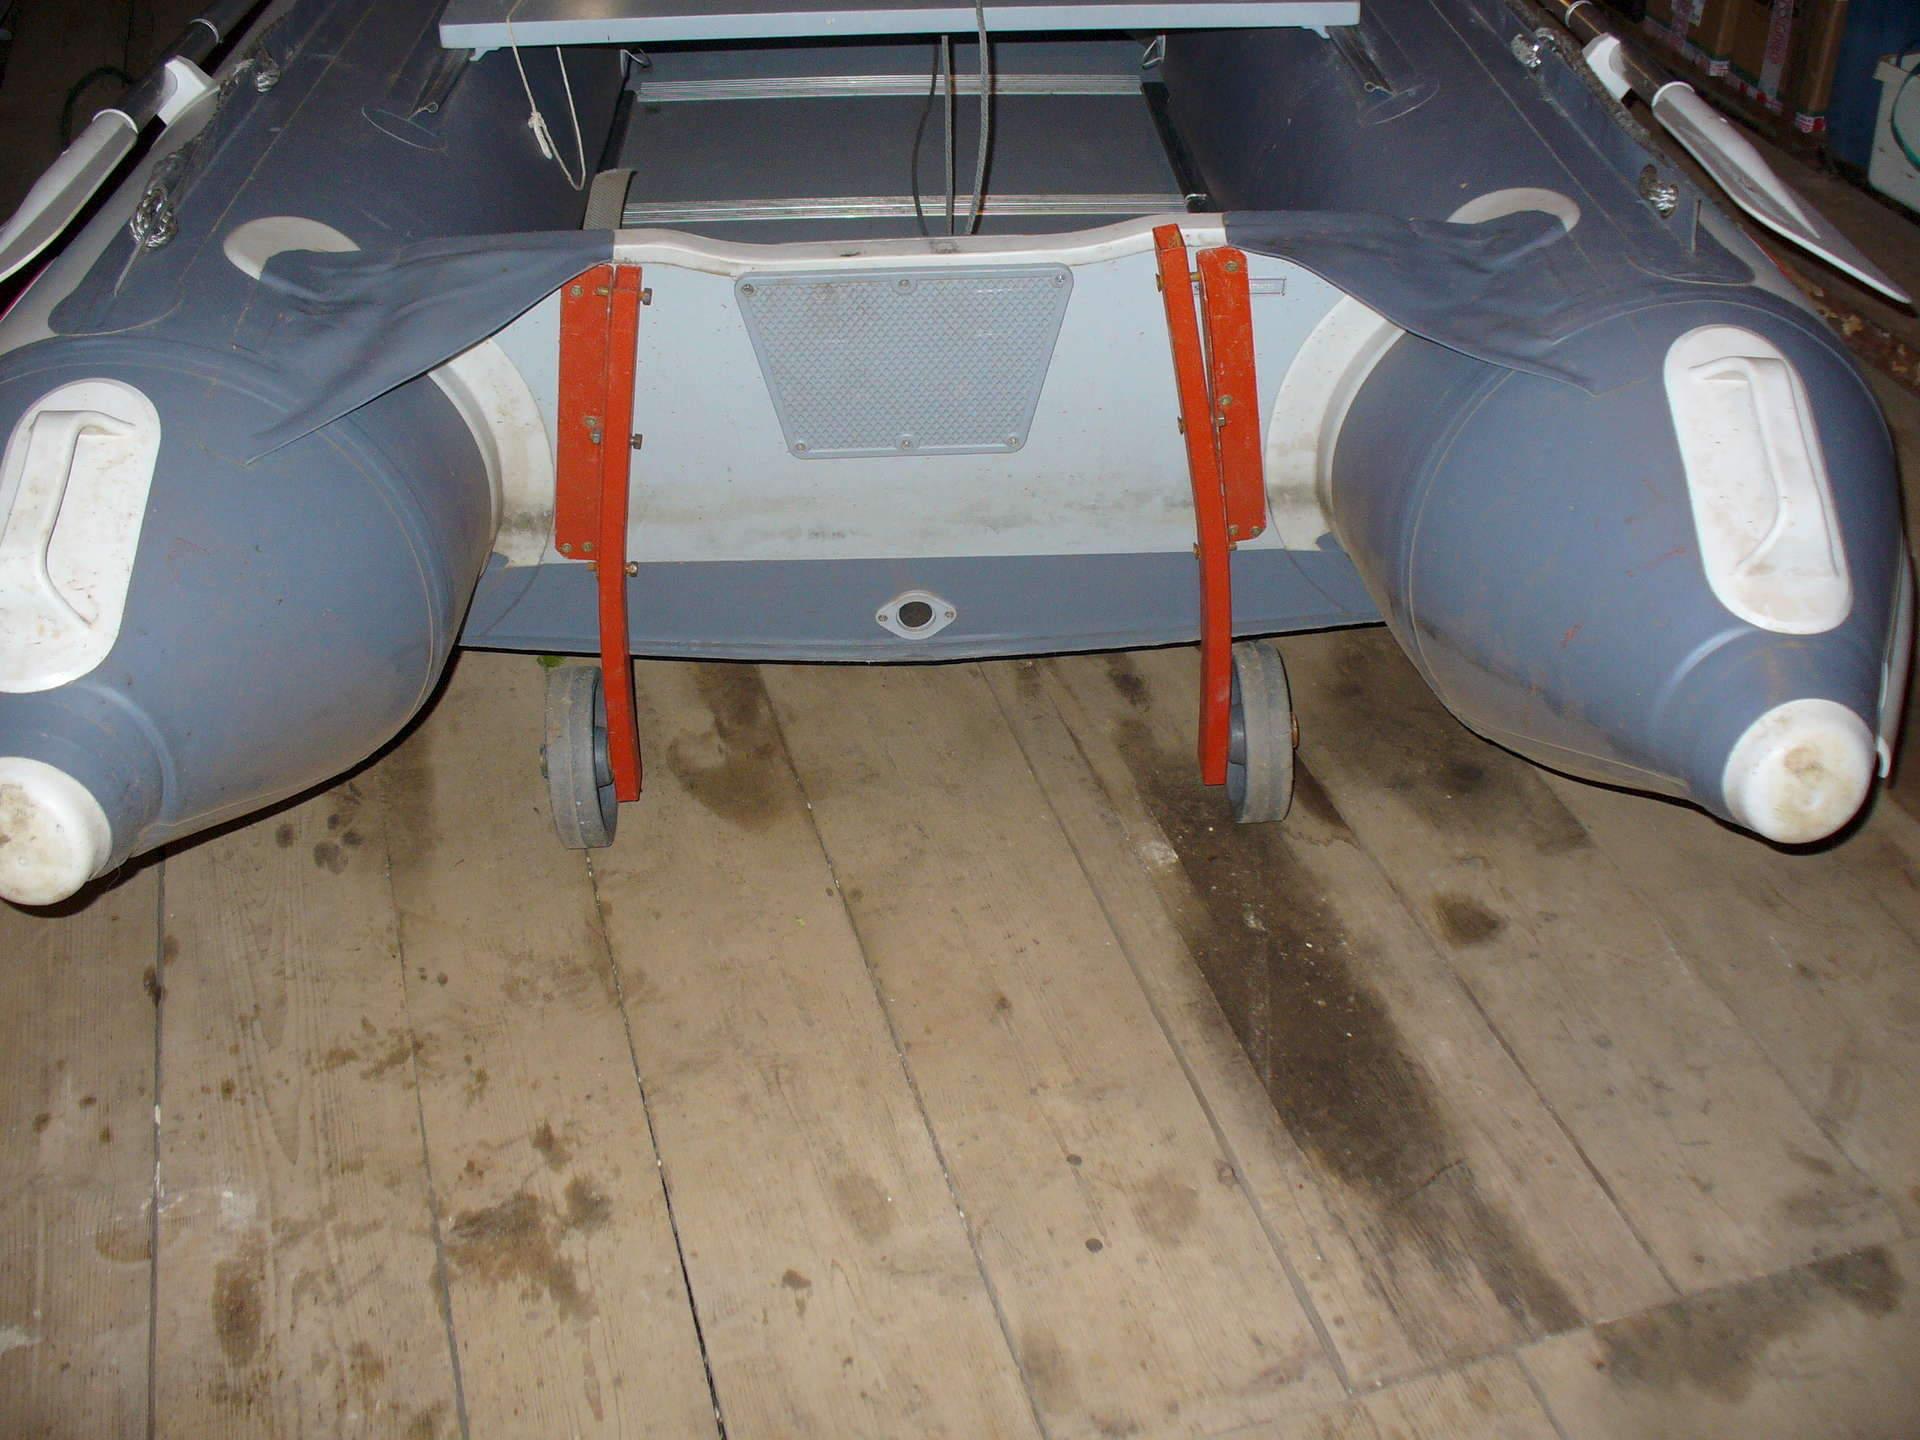 Транцевые колеса быстросъемные надувные (защелки, стандартное дно).